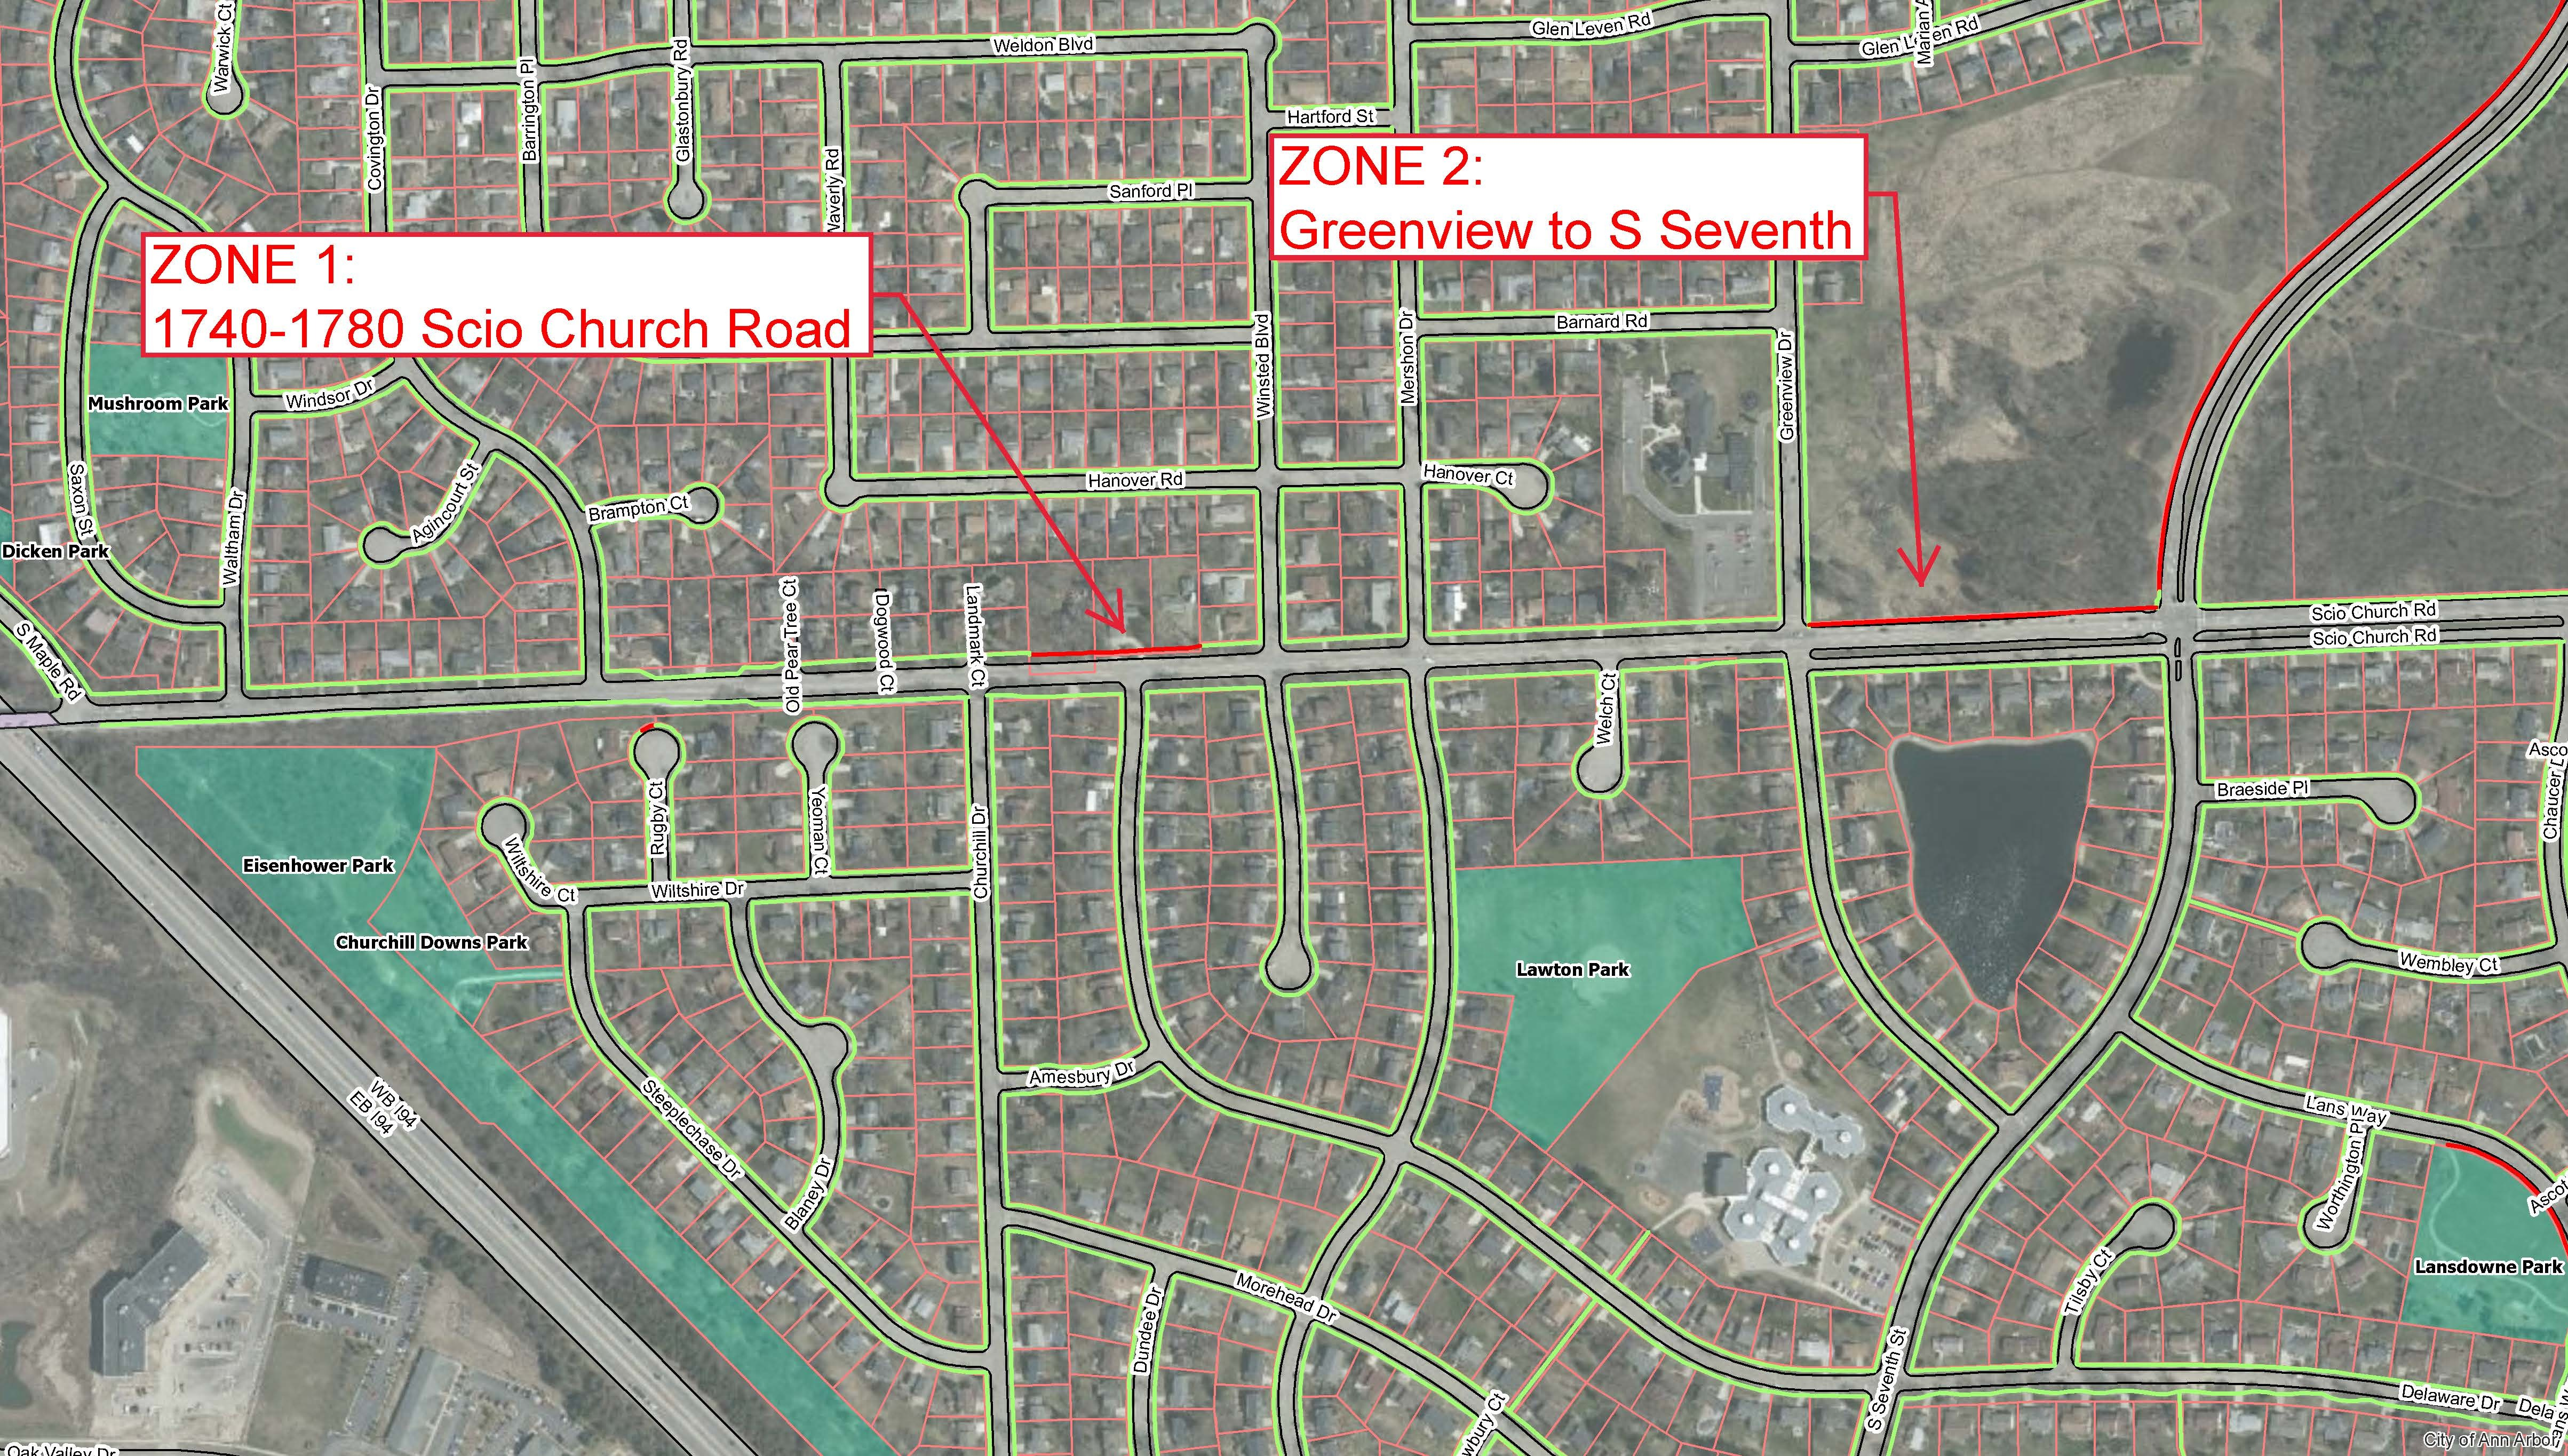 Sidewalk map bd26fa58 43d3 4974 85f1 9eaa06d7c04e